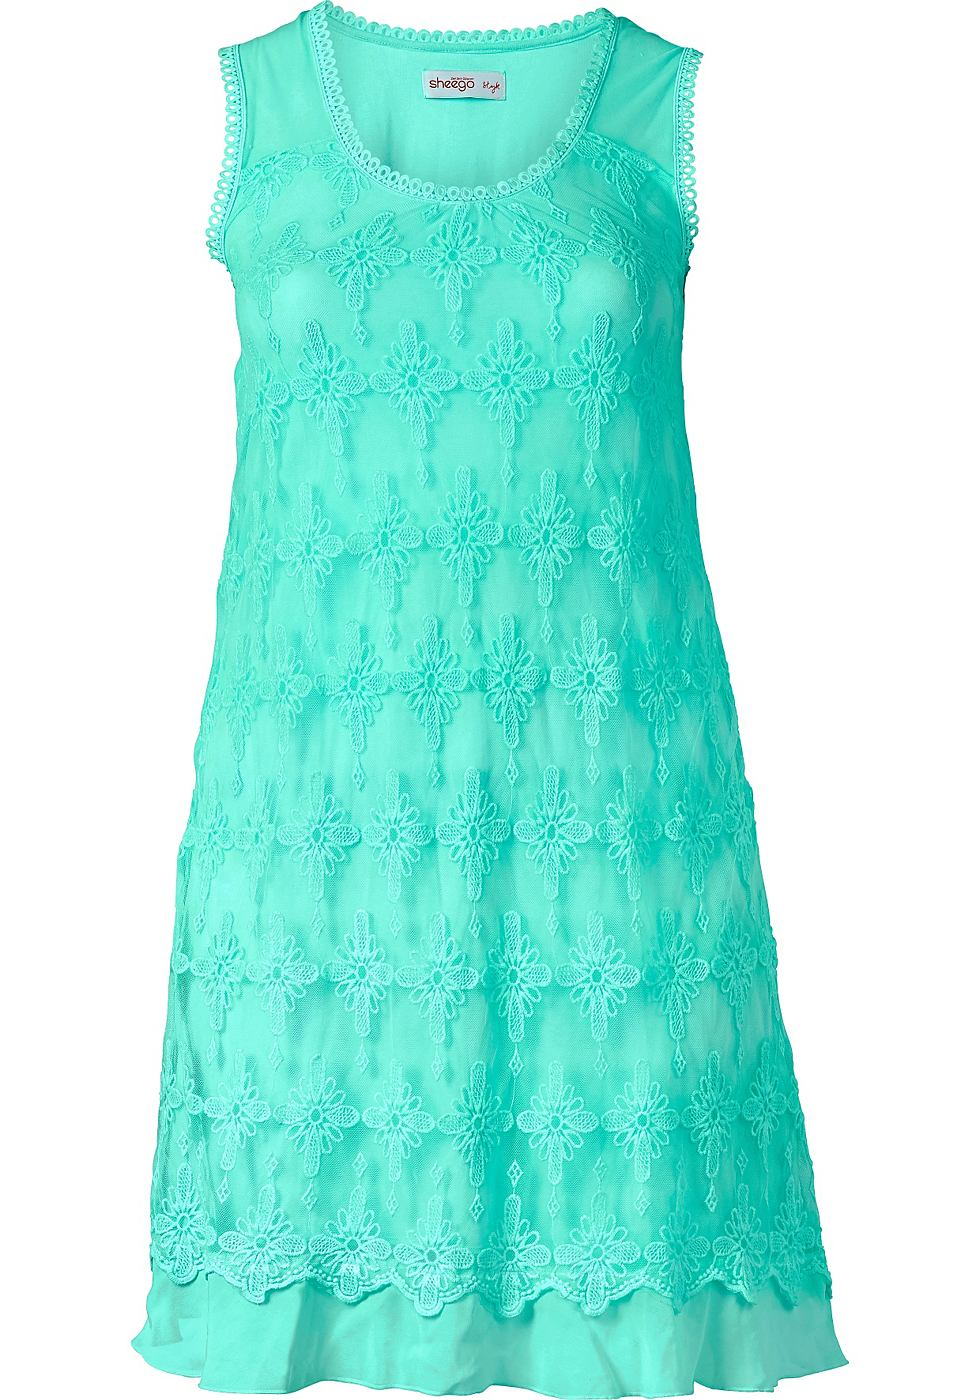 Sheego Style kanten jurk groen